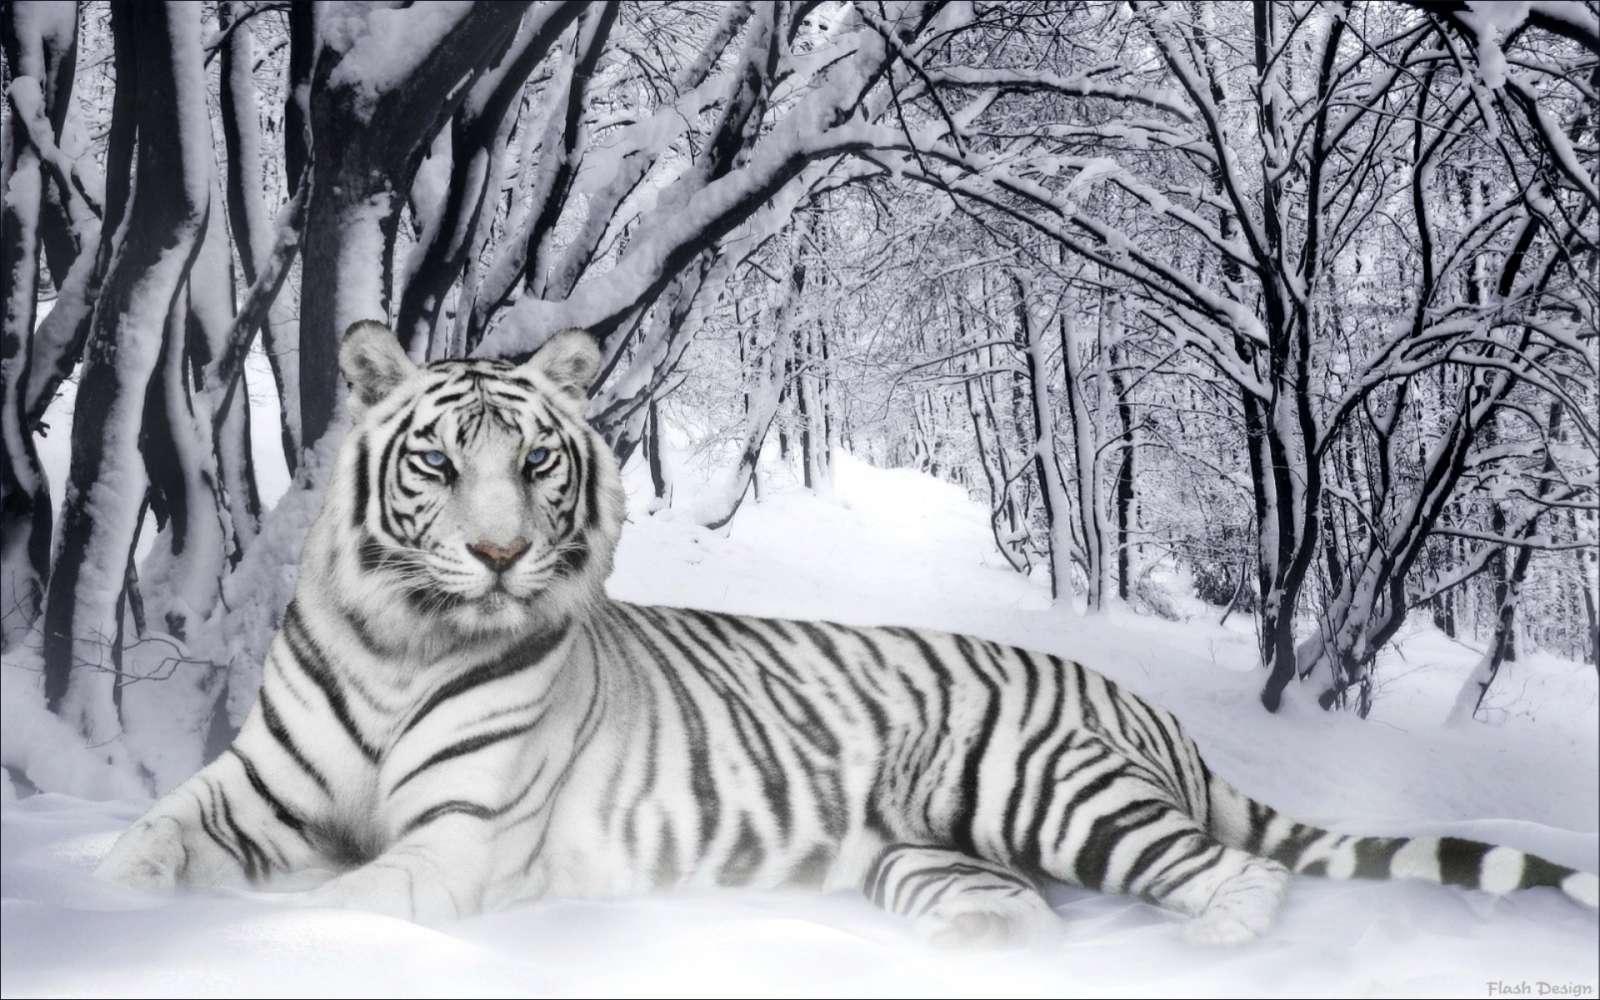 Белый тигр на снегу, фото, обои для рабочего стола